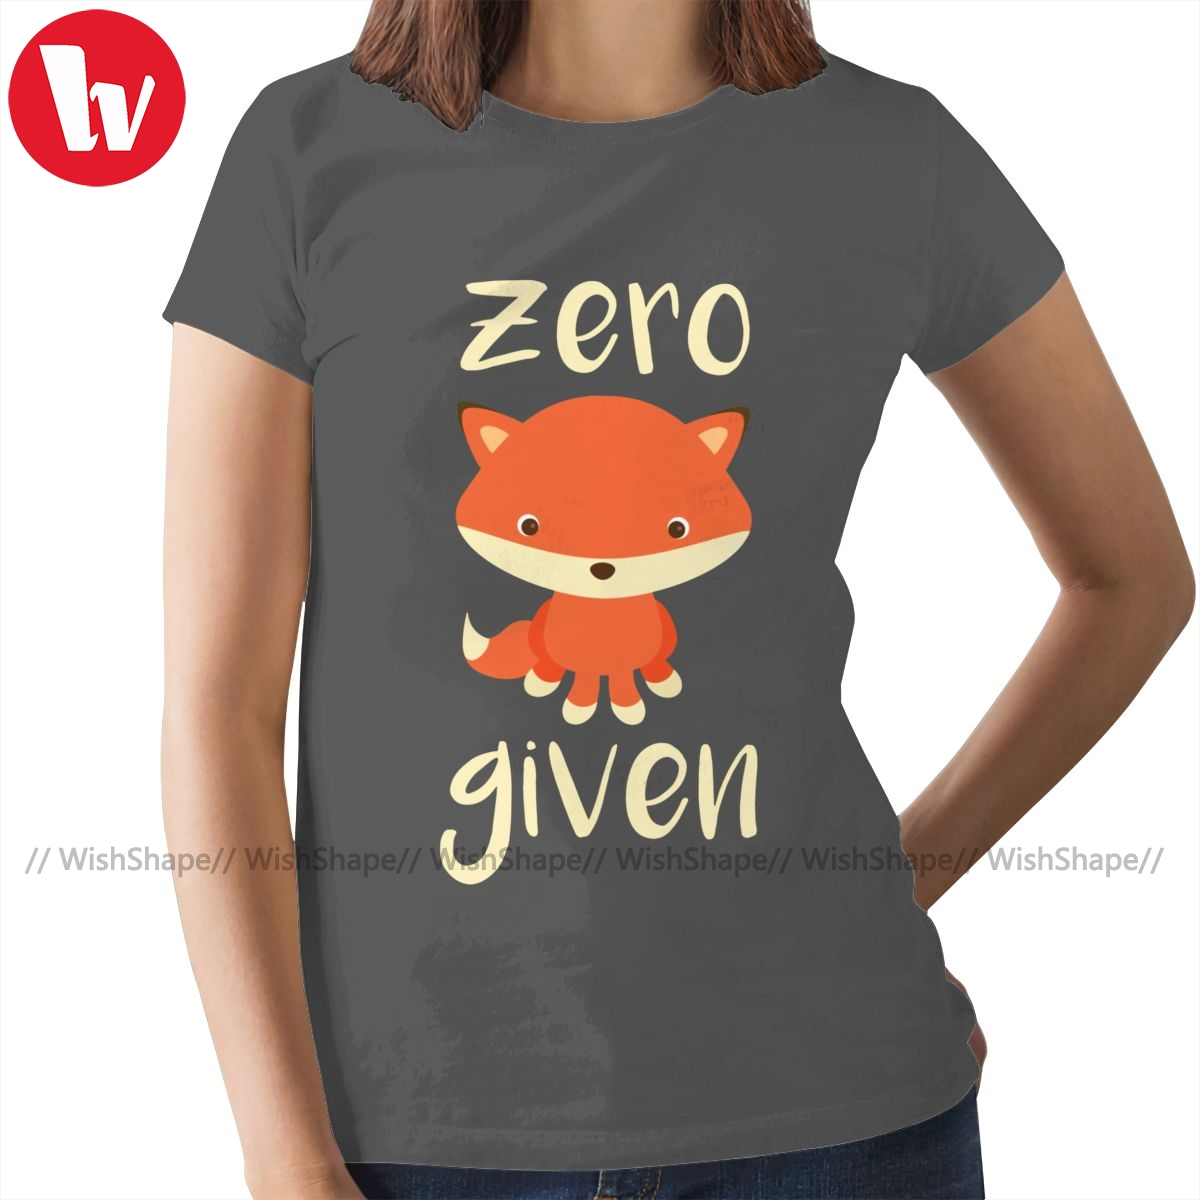 Geburtstag Fuchs T-Shirt Null Fuchs Gegeben-Dark Humor Design T Shirt Gedruckt Silber Frauen t-shirt Damen T-shirt